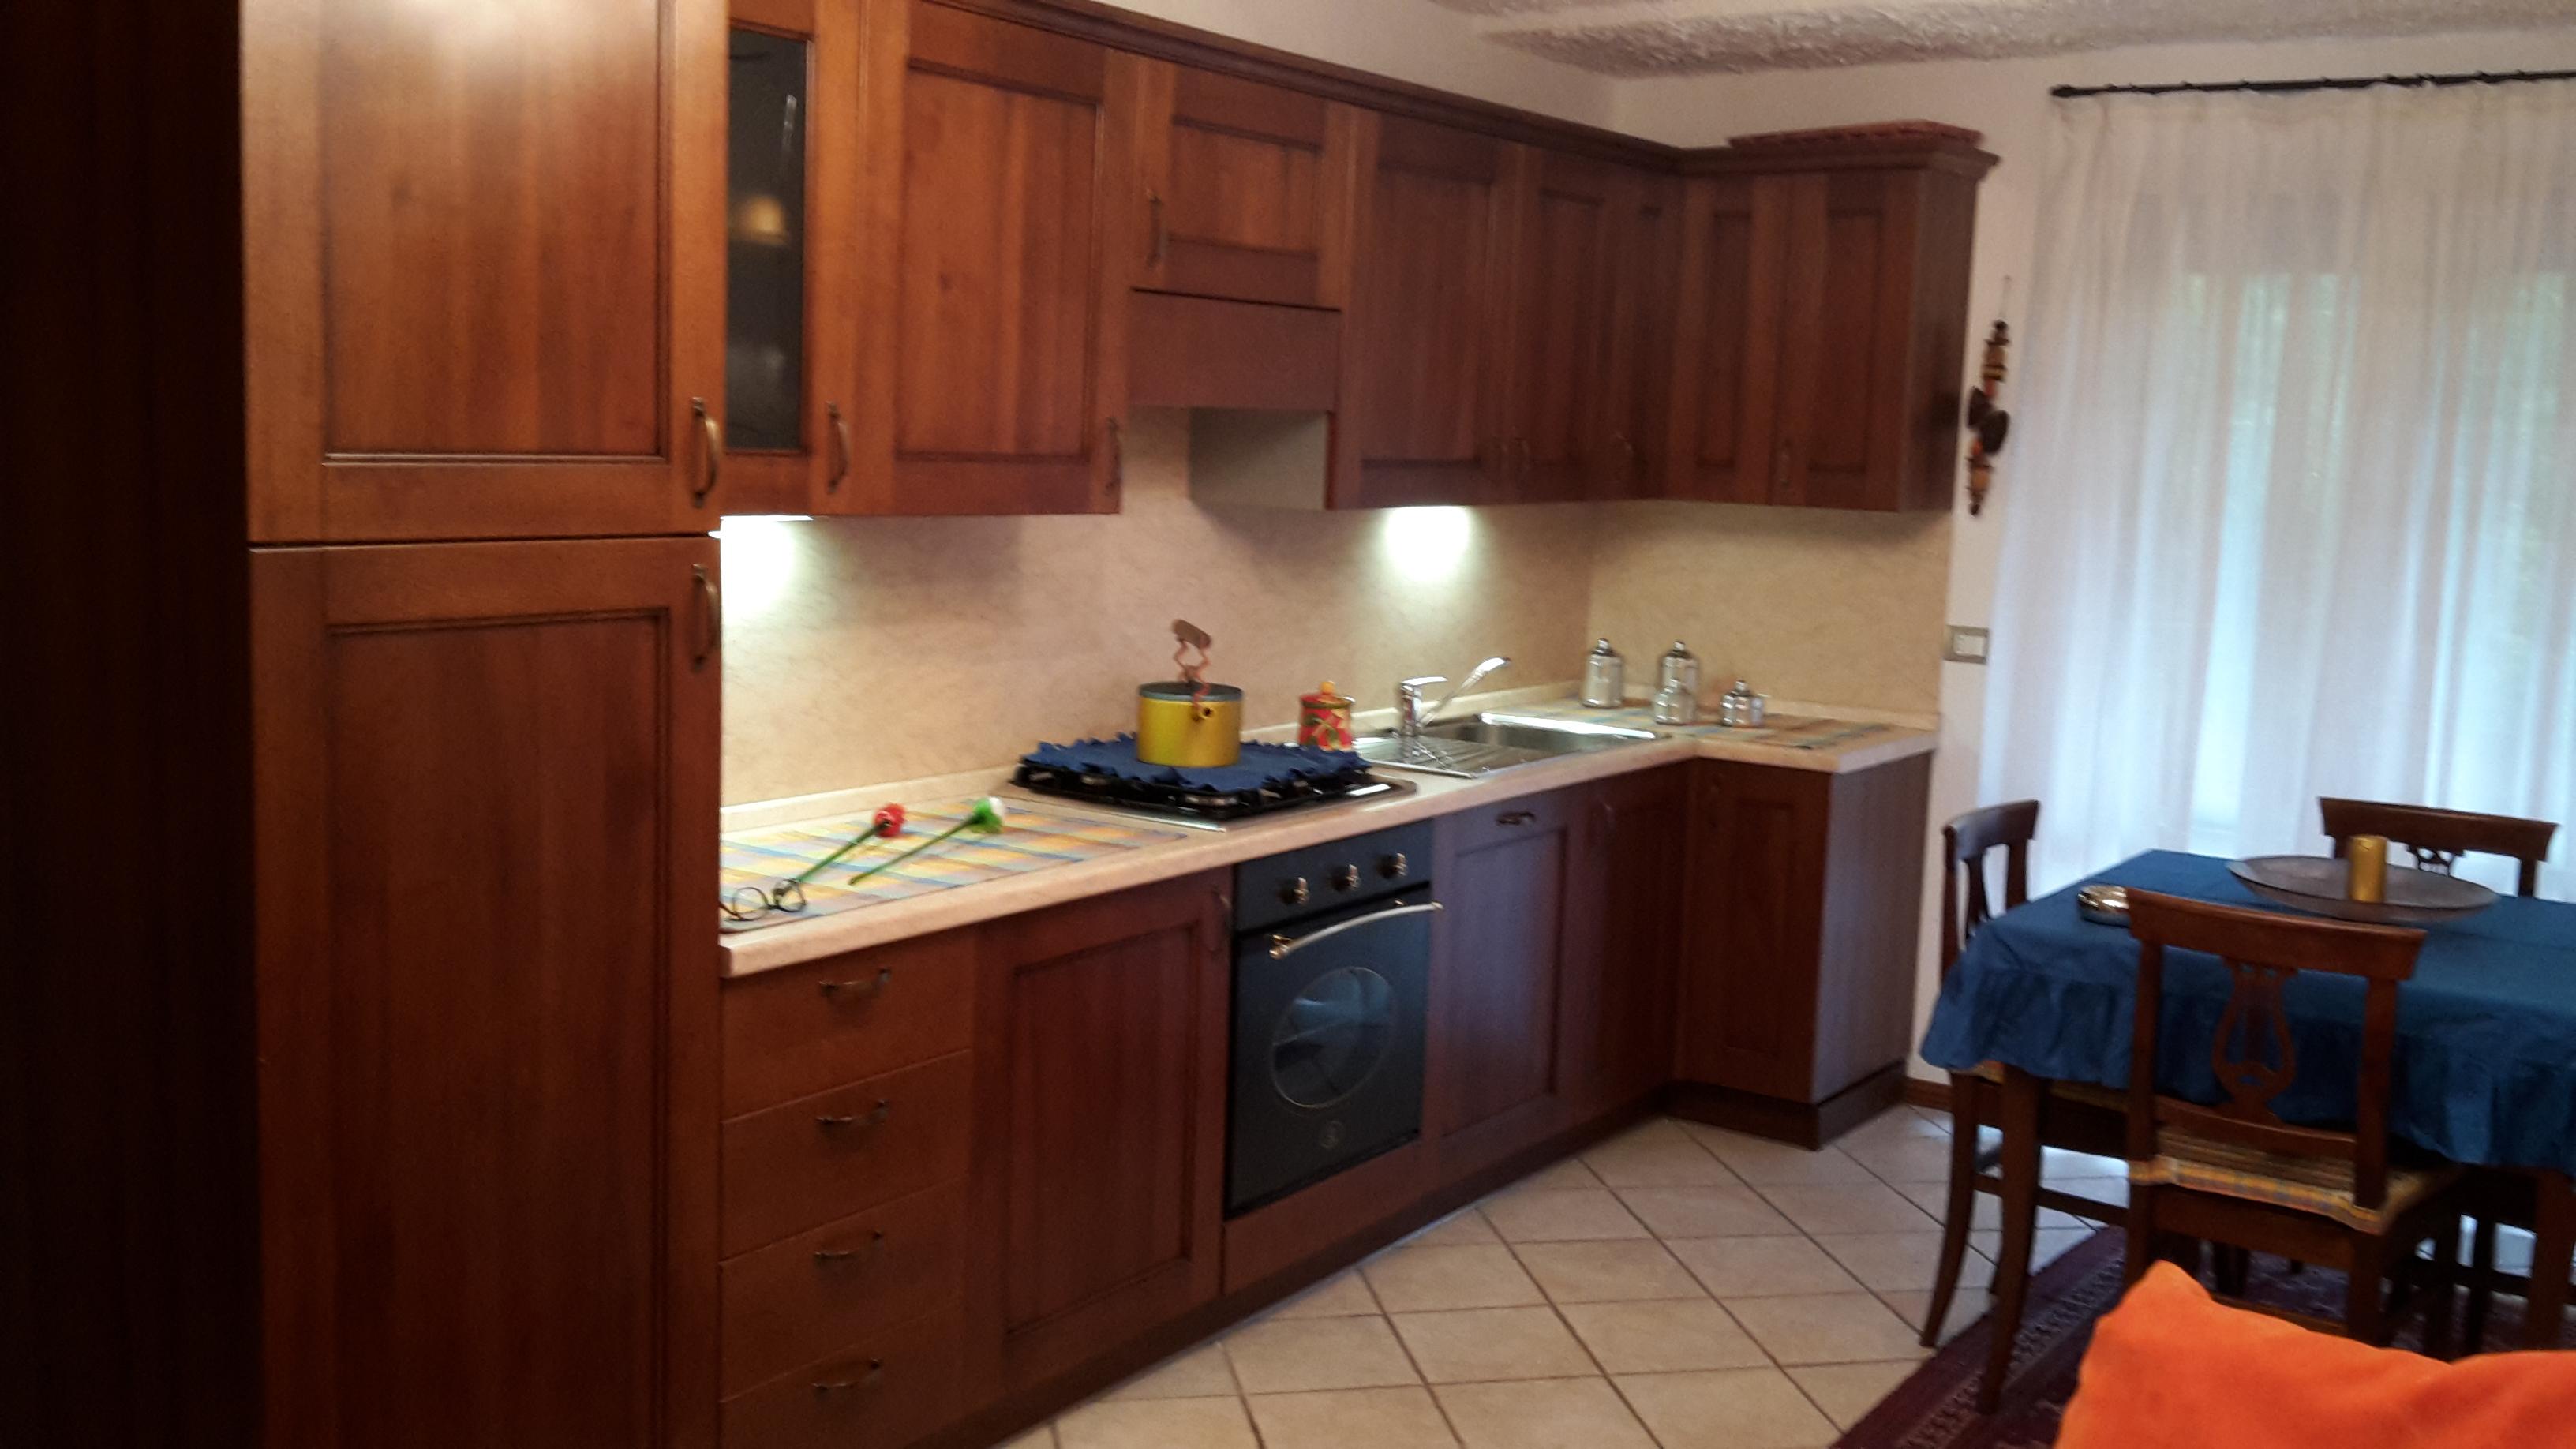 Cucina e soggiorno gallery of cucina e soggiorno open - Cucine con soggiorno ...